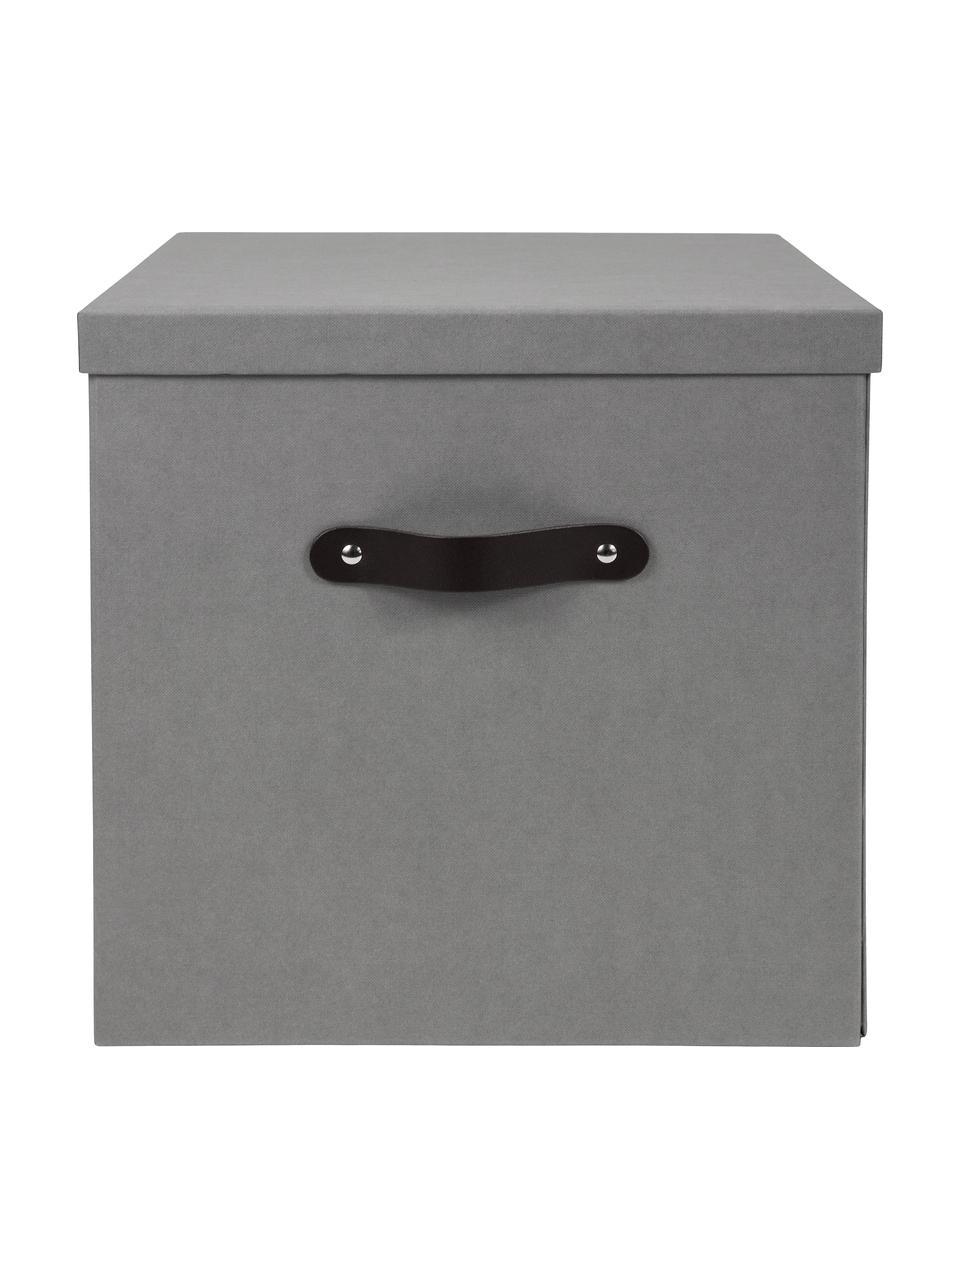 Scatola con coperchio Texas, Scatola: solido, cartone laminato, Manico: pelle, Grigio chiaro, Larg. 32 x Alt. 32 cm